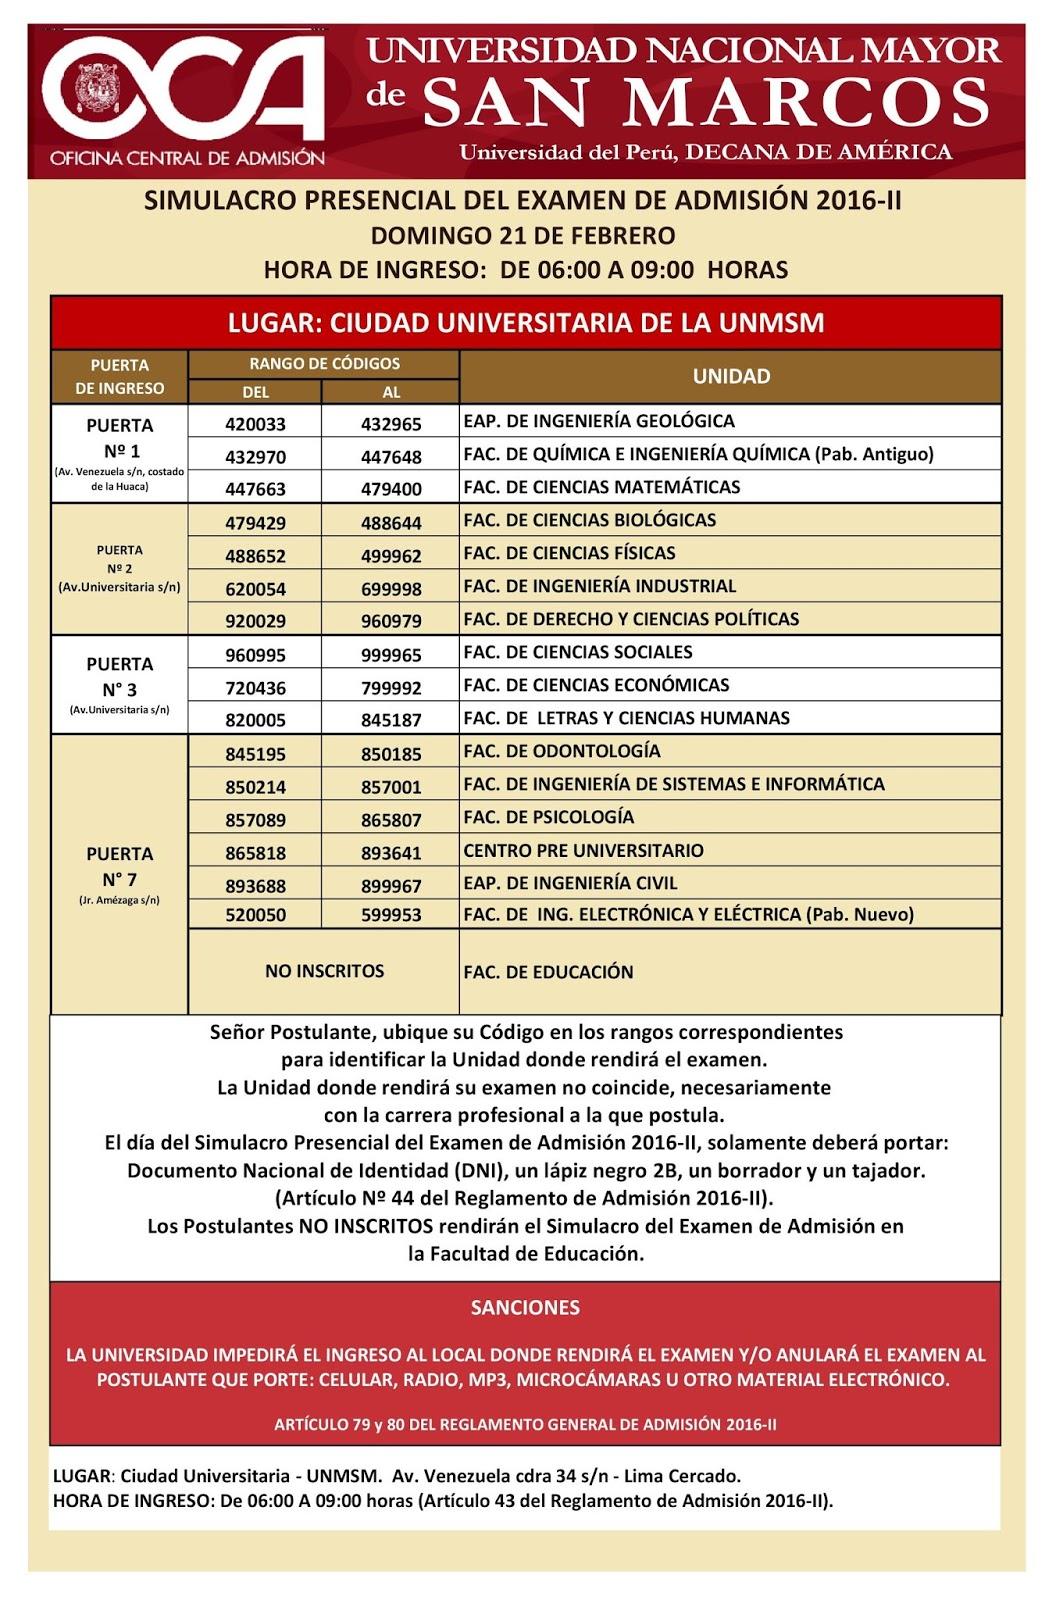 Locales y aulas simulacro presencial san marcos unmsm 2016 for Puerta 8 san marcos